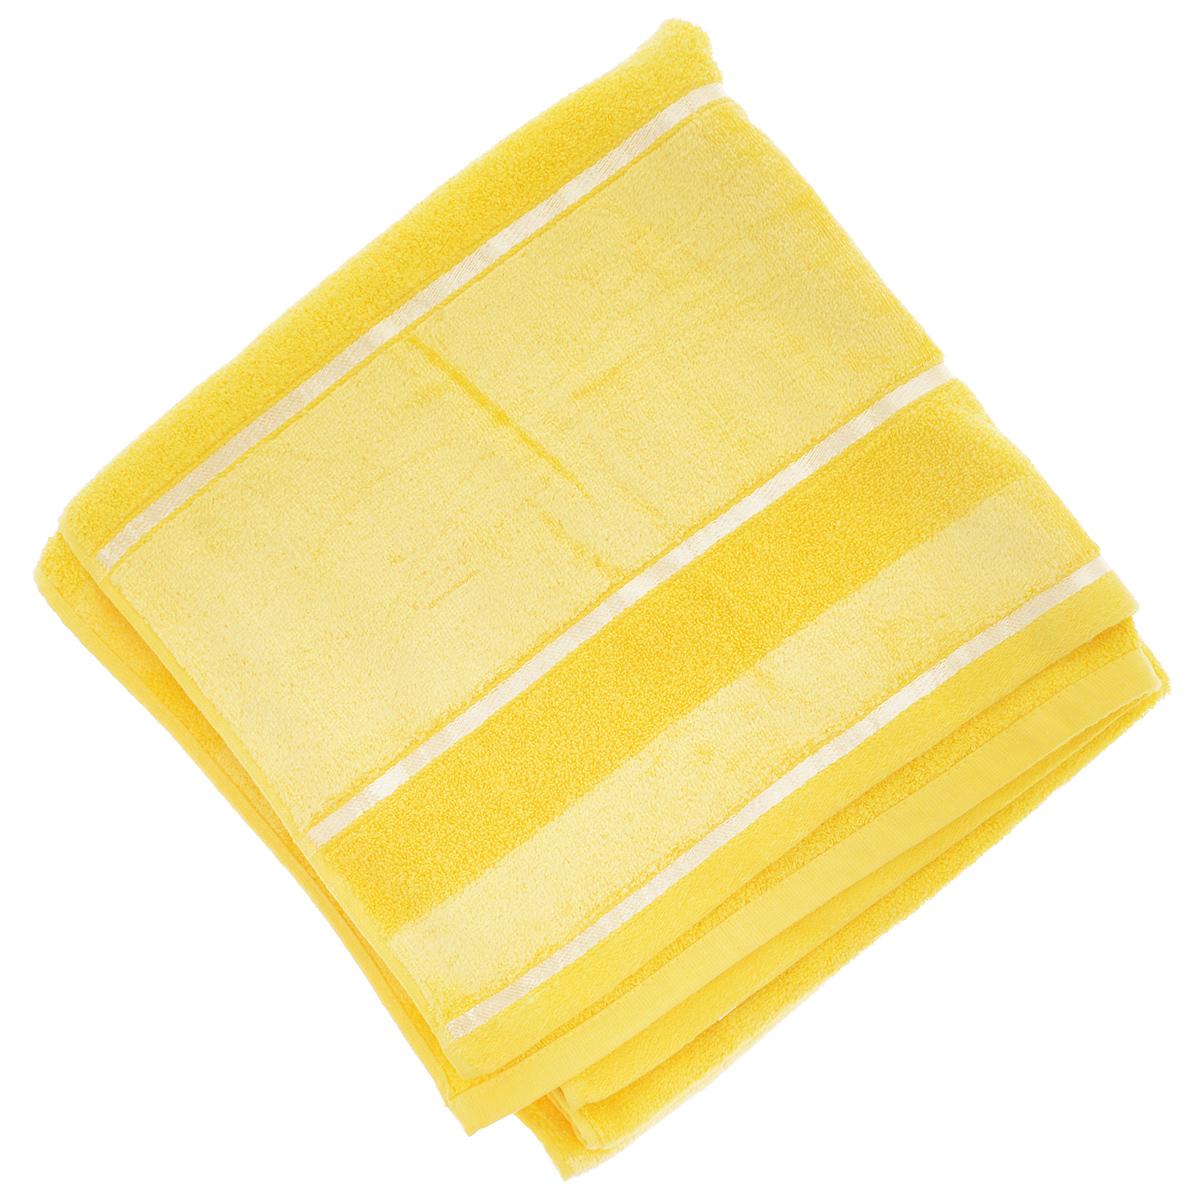 Полотенце Soavita Louise, цвет: желтый, 70 х 140 смCLP446Полотенце Soavita Louise выполнено из 100% хлопка. Все детали качественно прошиты, ткань очень плотная, не линяет и держится много лет. Изделие отлично впитывает влагу, быстро сохнет, сохраняет яркость цвета и не теряет форму даже после многократных стирок. Полотенце очень практично и неприхотливо в уходе. Оно создаст прекрасное настроение и украсит интерьер в ванной комнате.